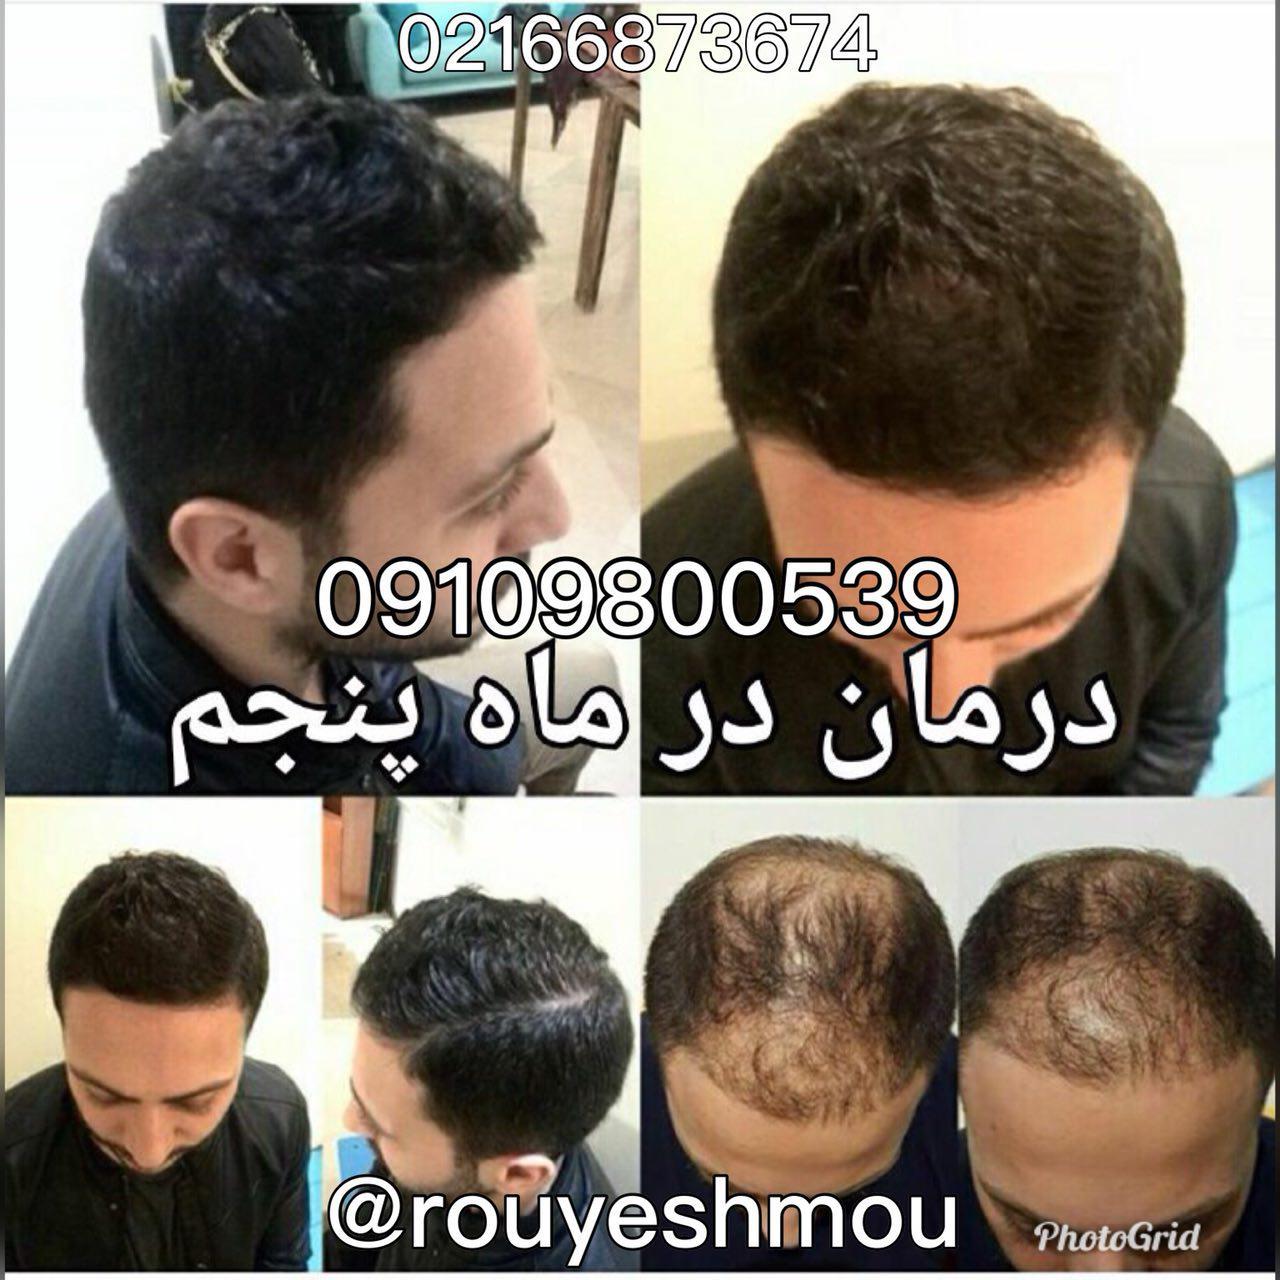 درمان قطعی ریزش مو با محلول رویش مو